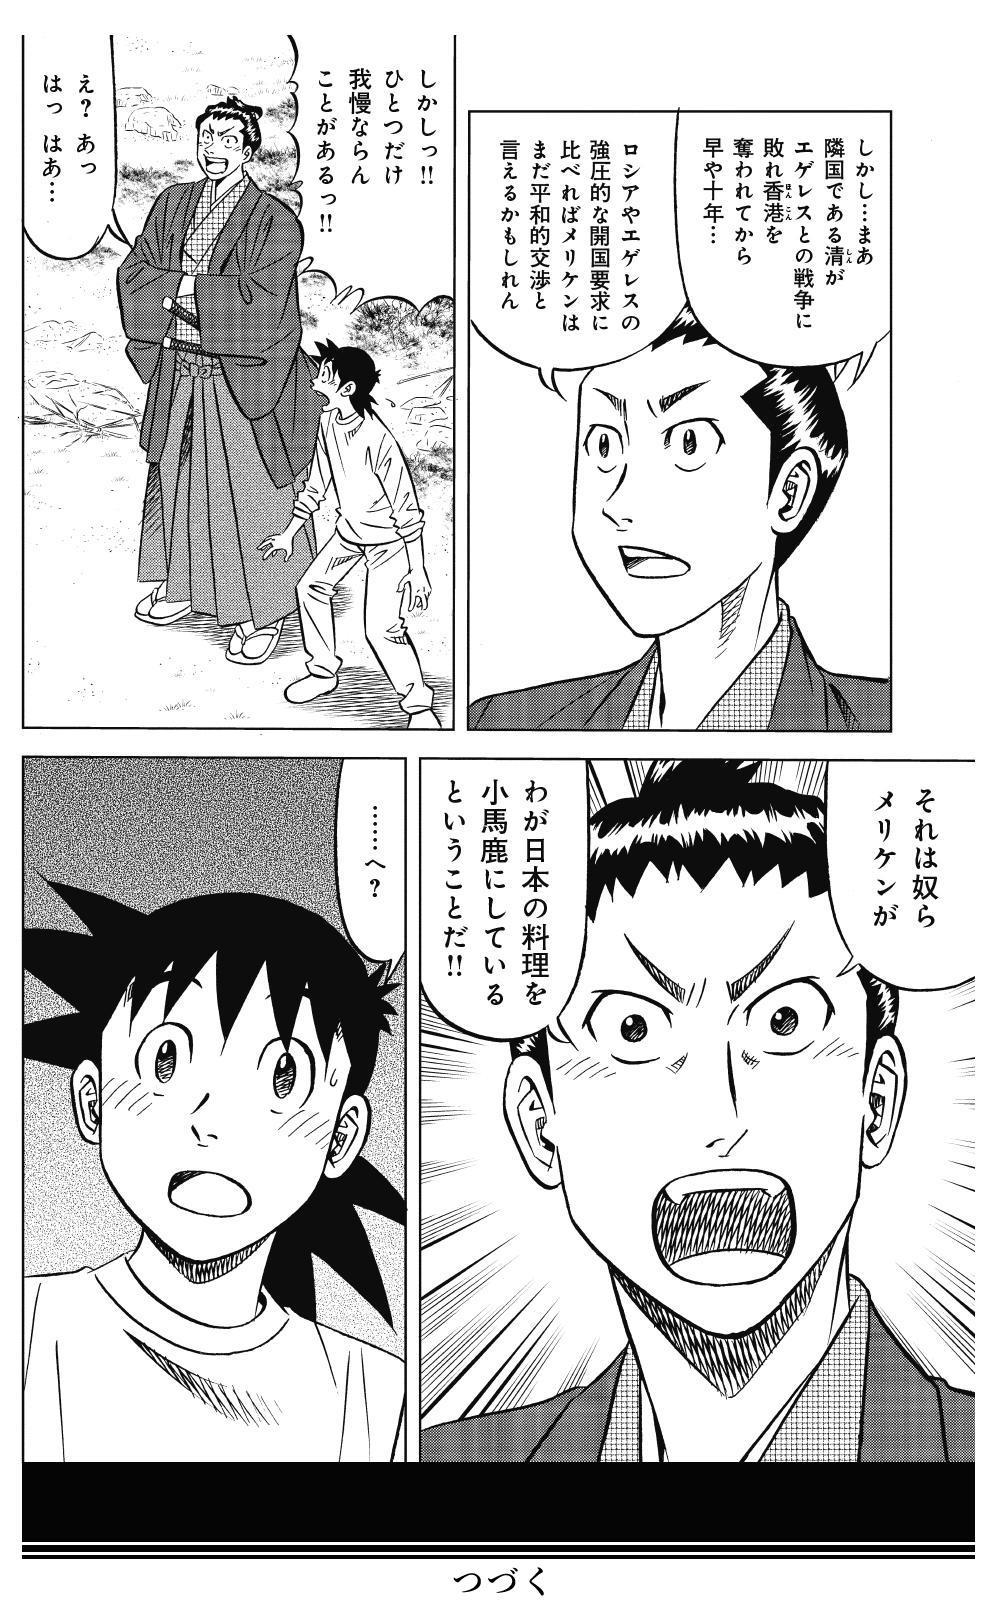 ミスター味っ子 幕末編 第1話「黒船来航」①ajikko11.jpg